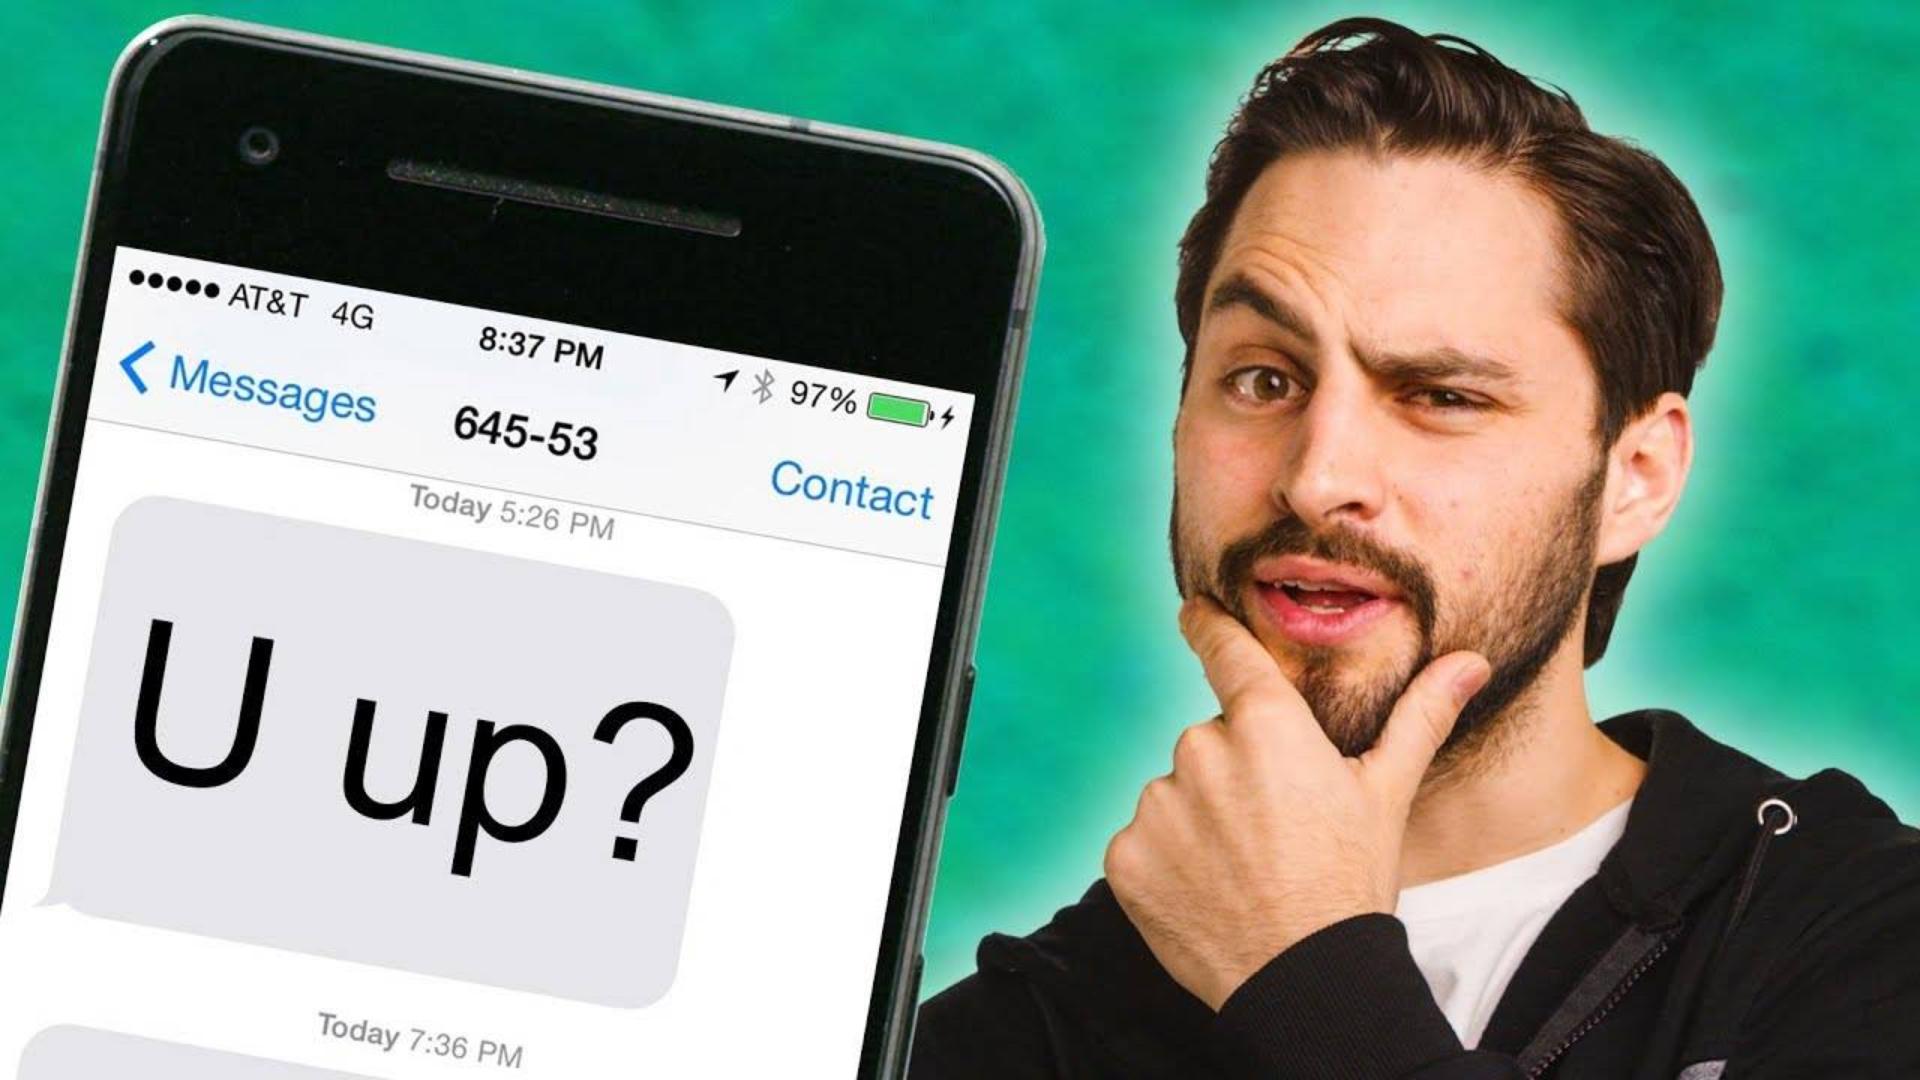 【官方双语】为什么短信仍旧流行 #电子速谈